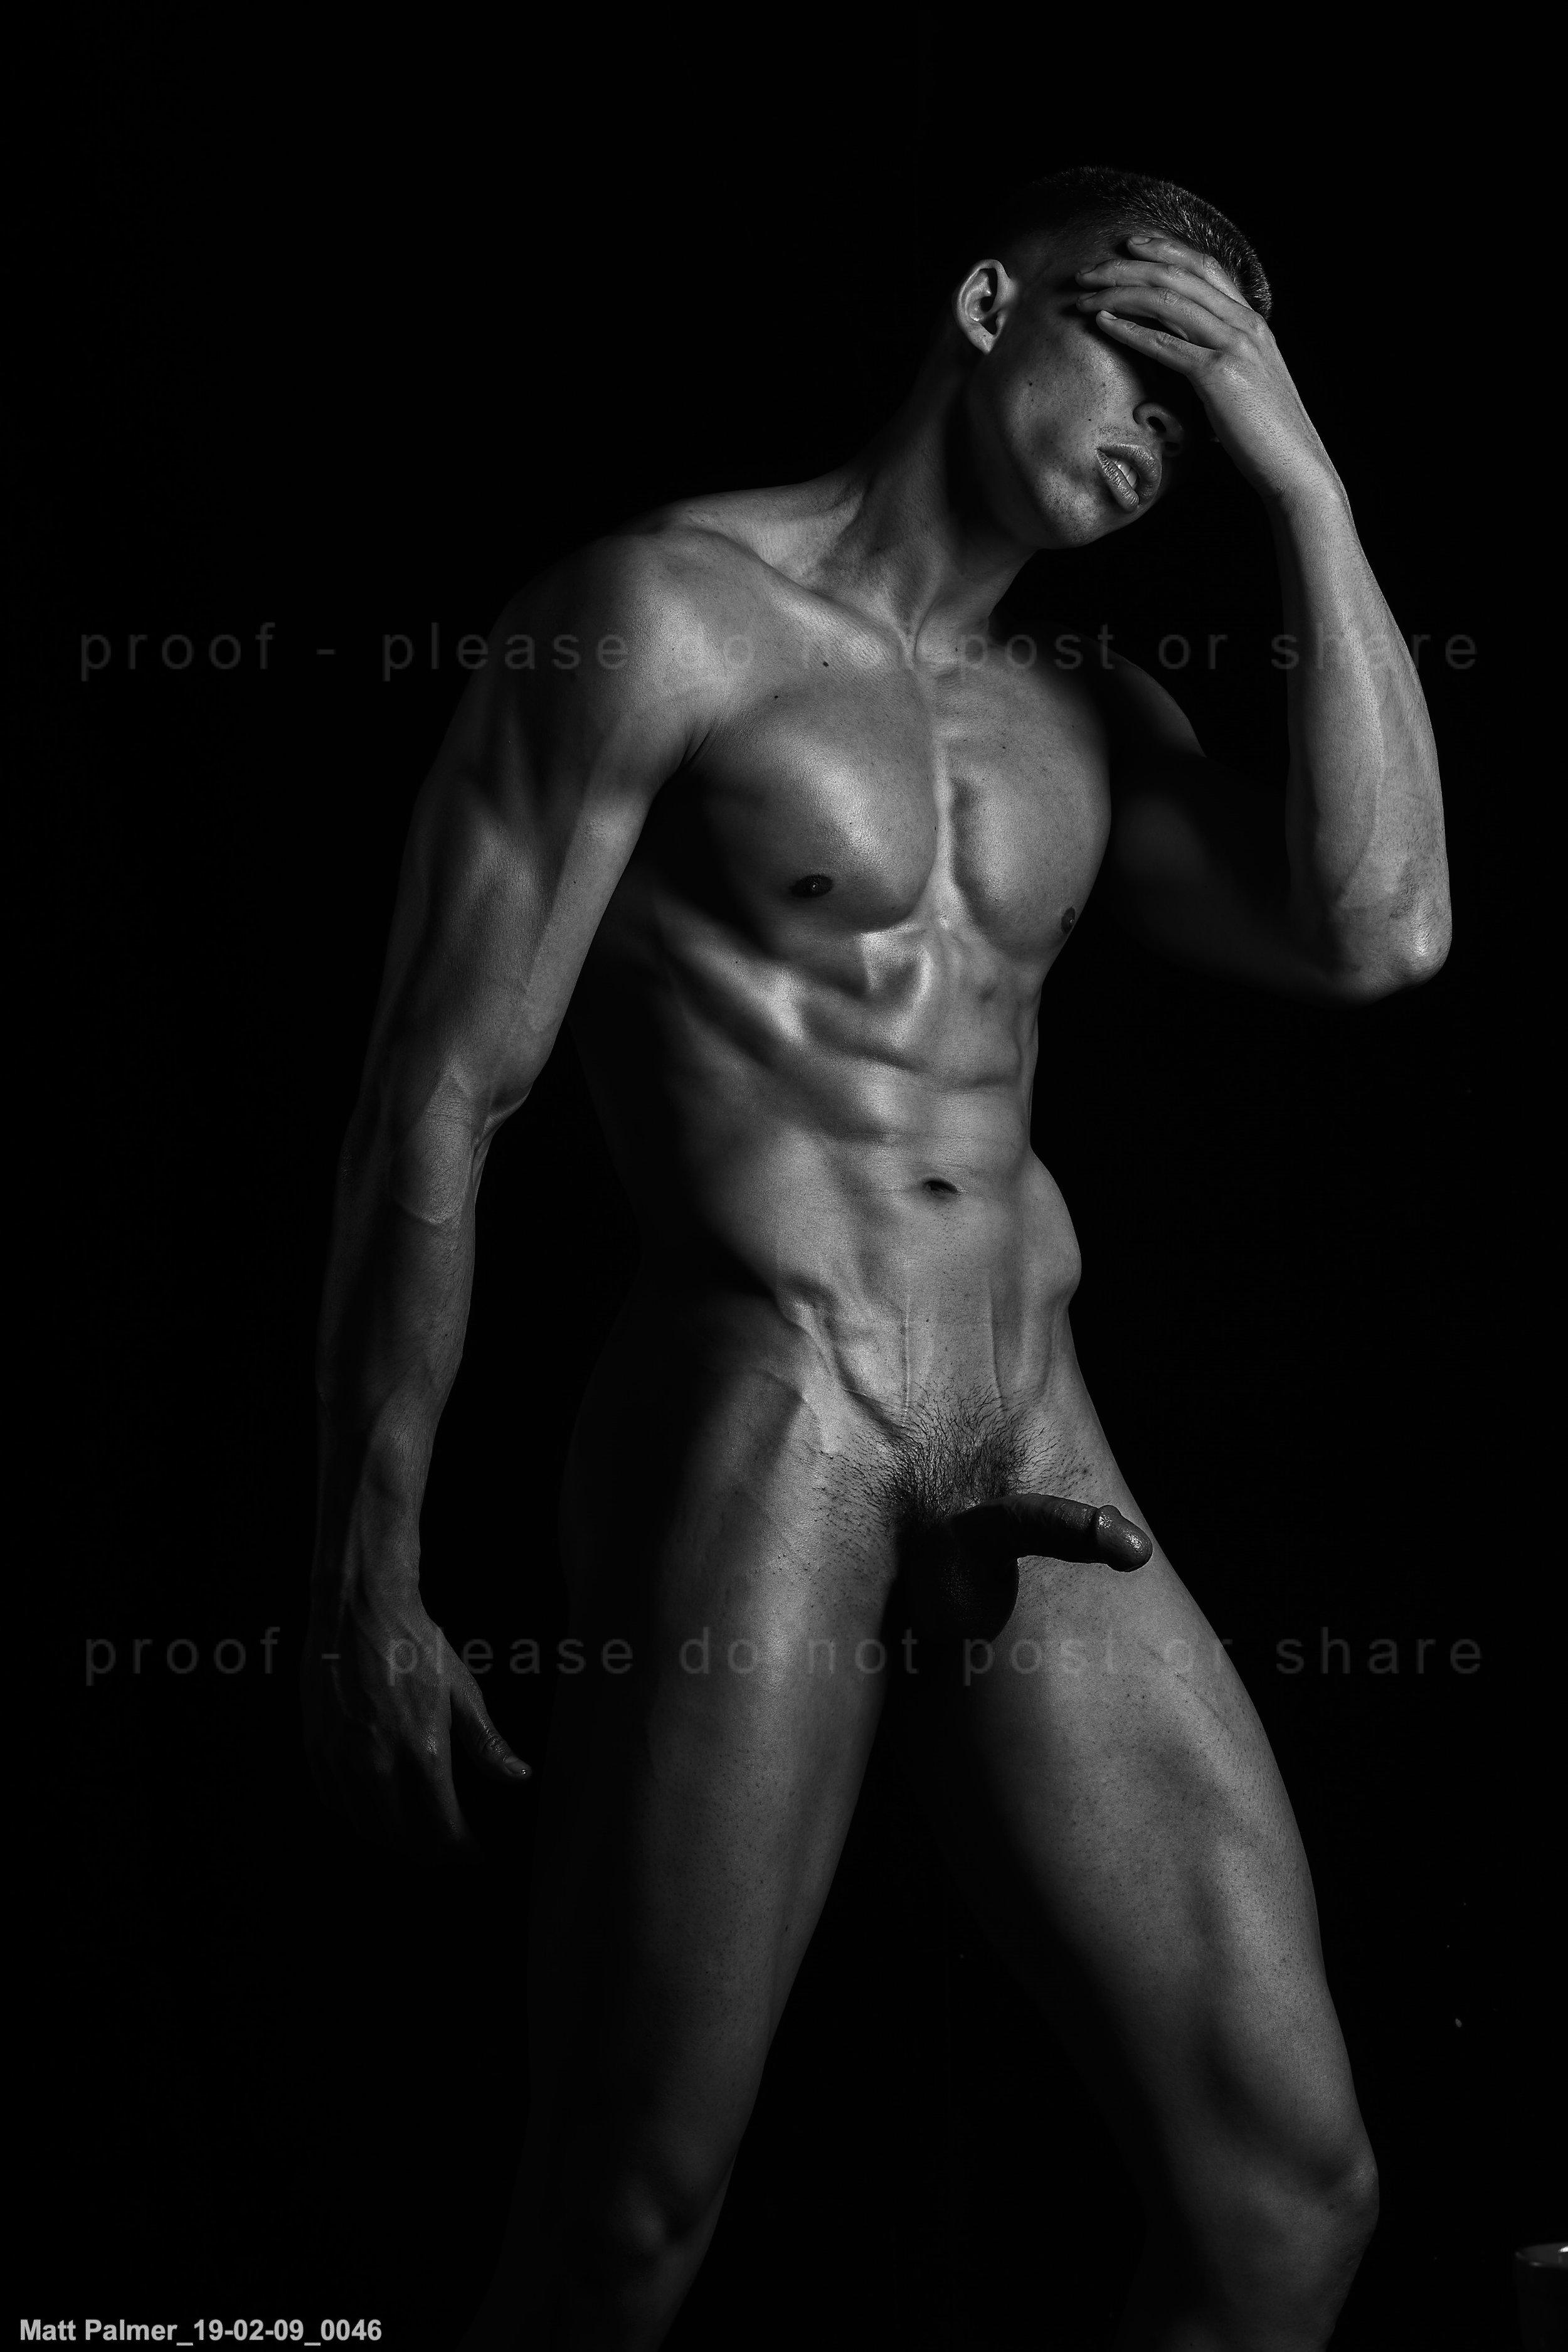 Matt Palmer_19-02-09_0046.jpg